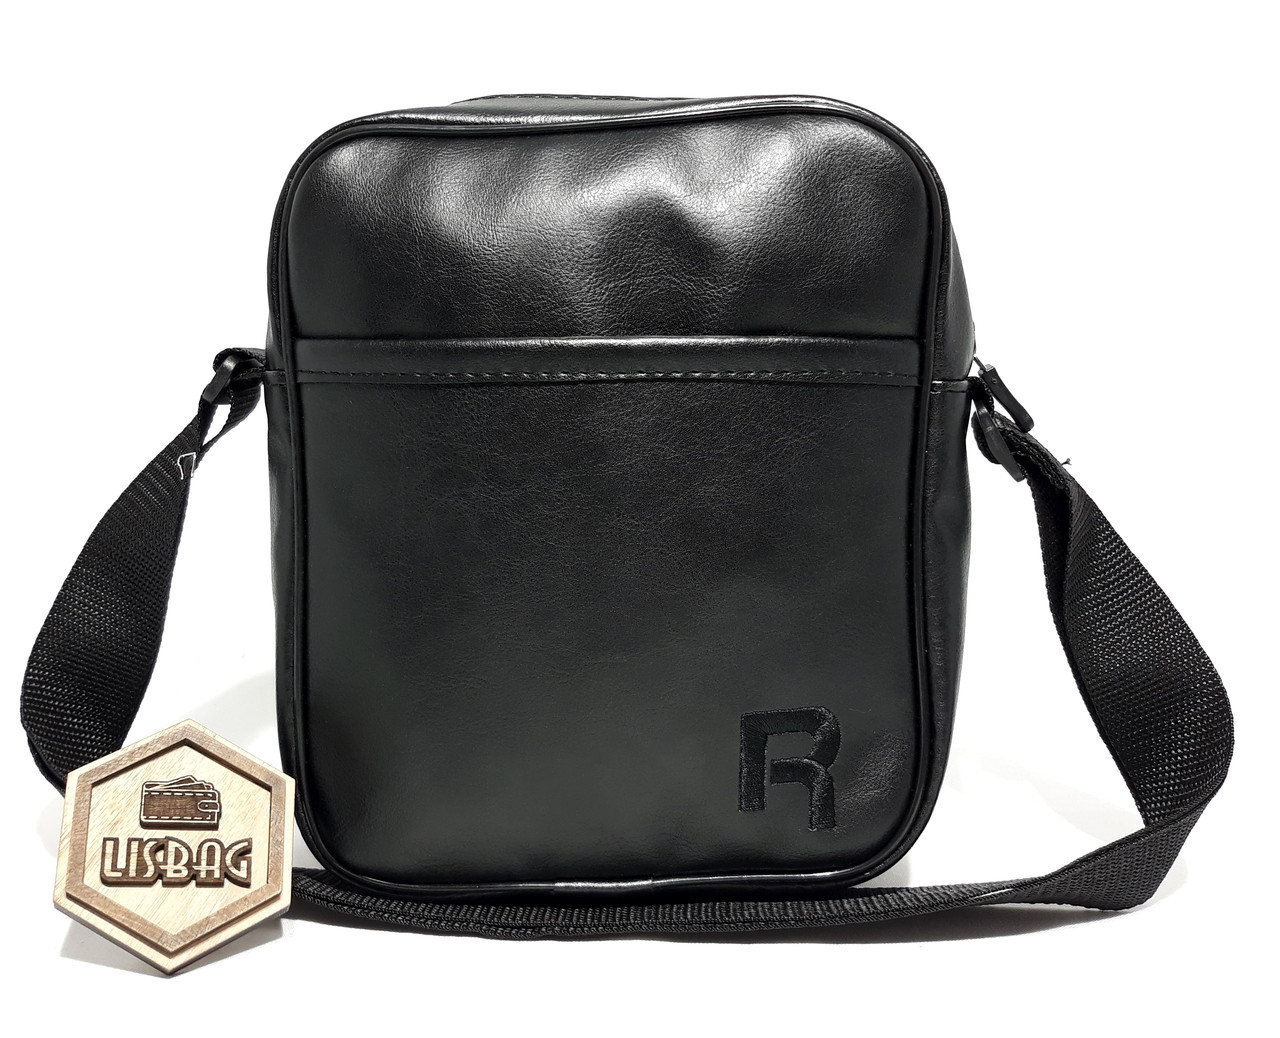 56bb57904b3e Большая мужская сумка планшетка через плечо копия Reebok , черная черный  значек